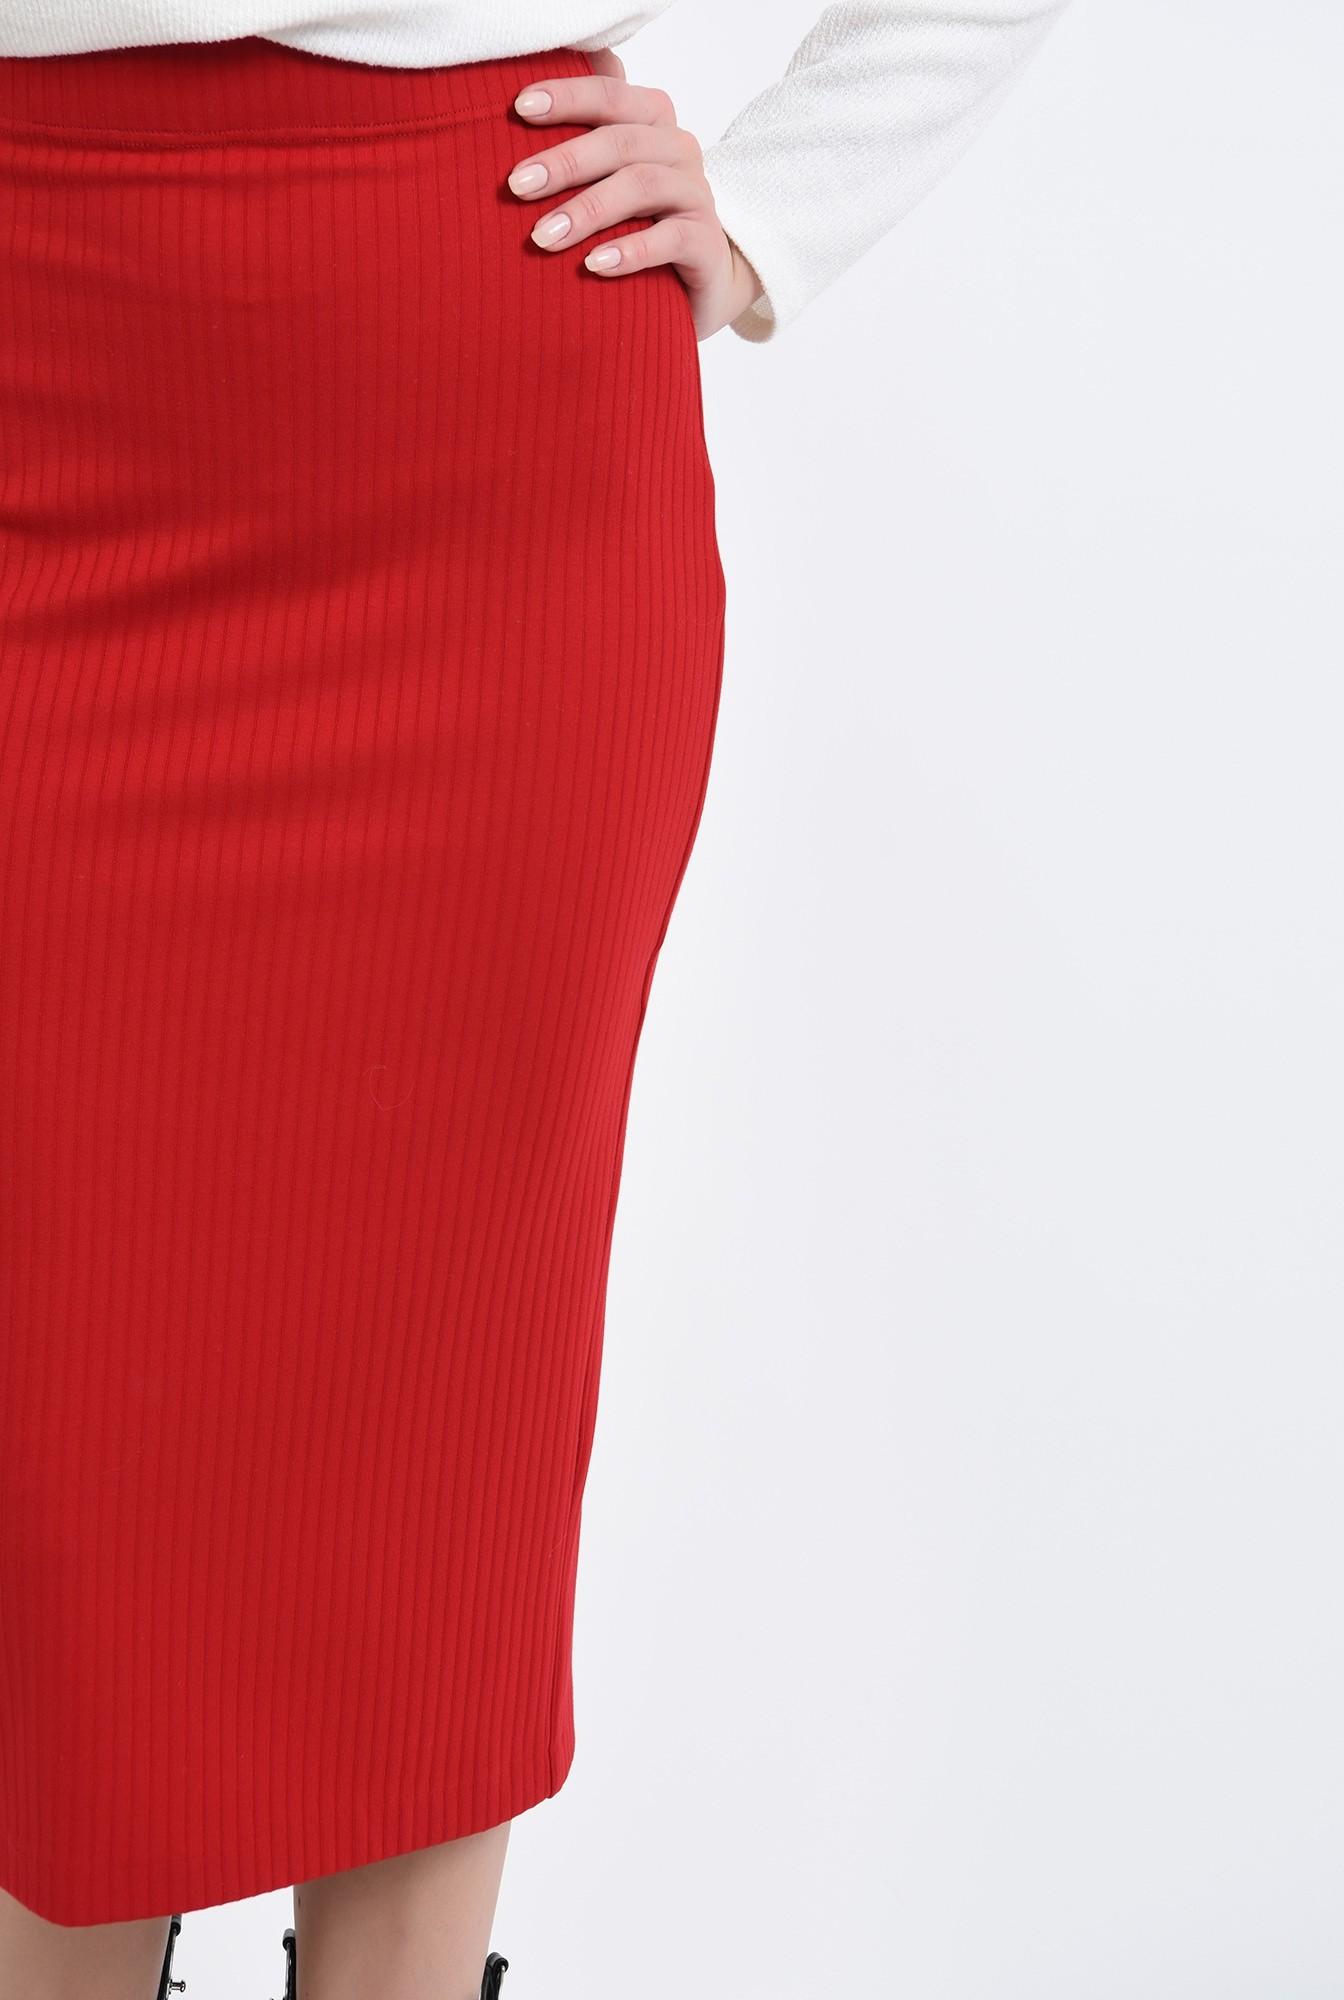 2 - fusta tricotata, midi, cu talie elastica